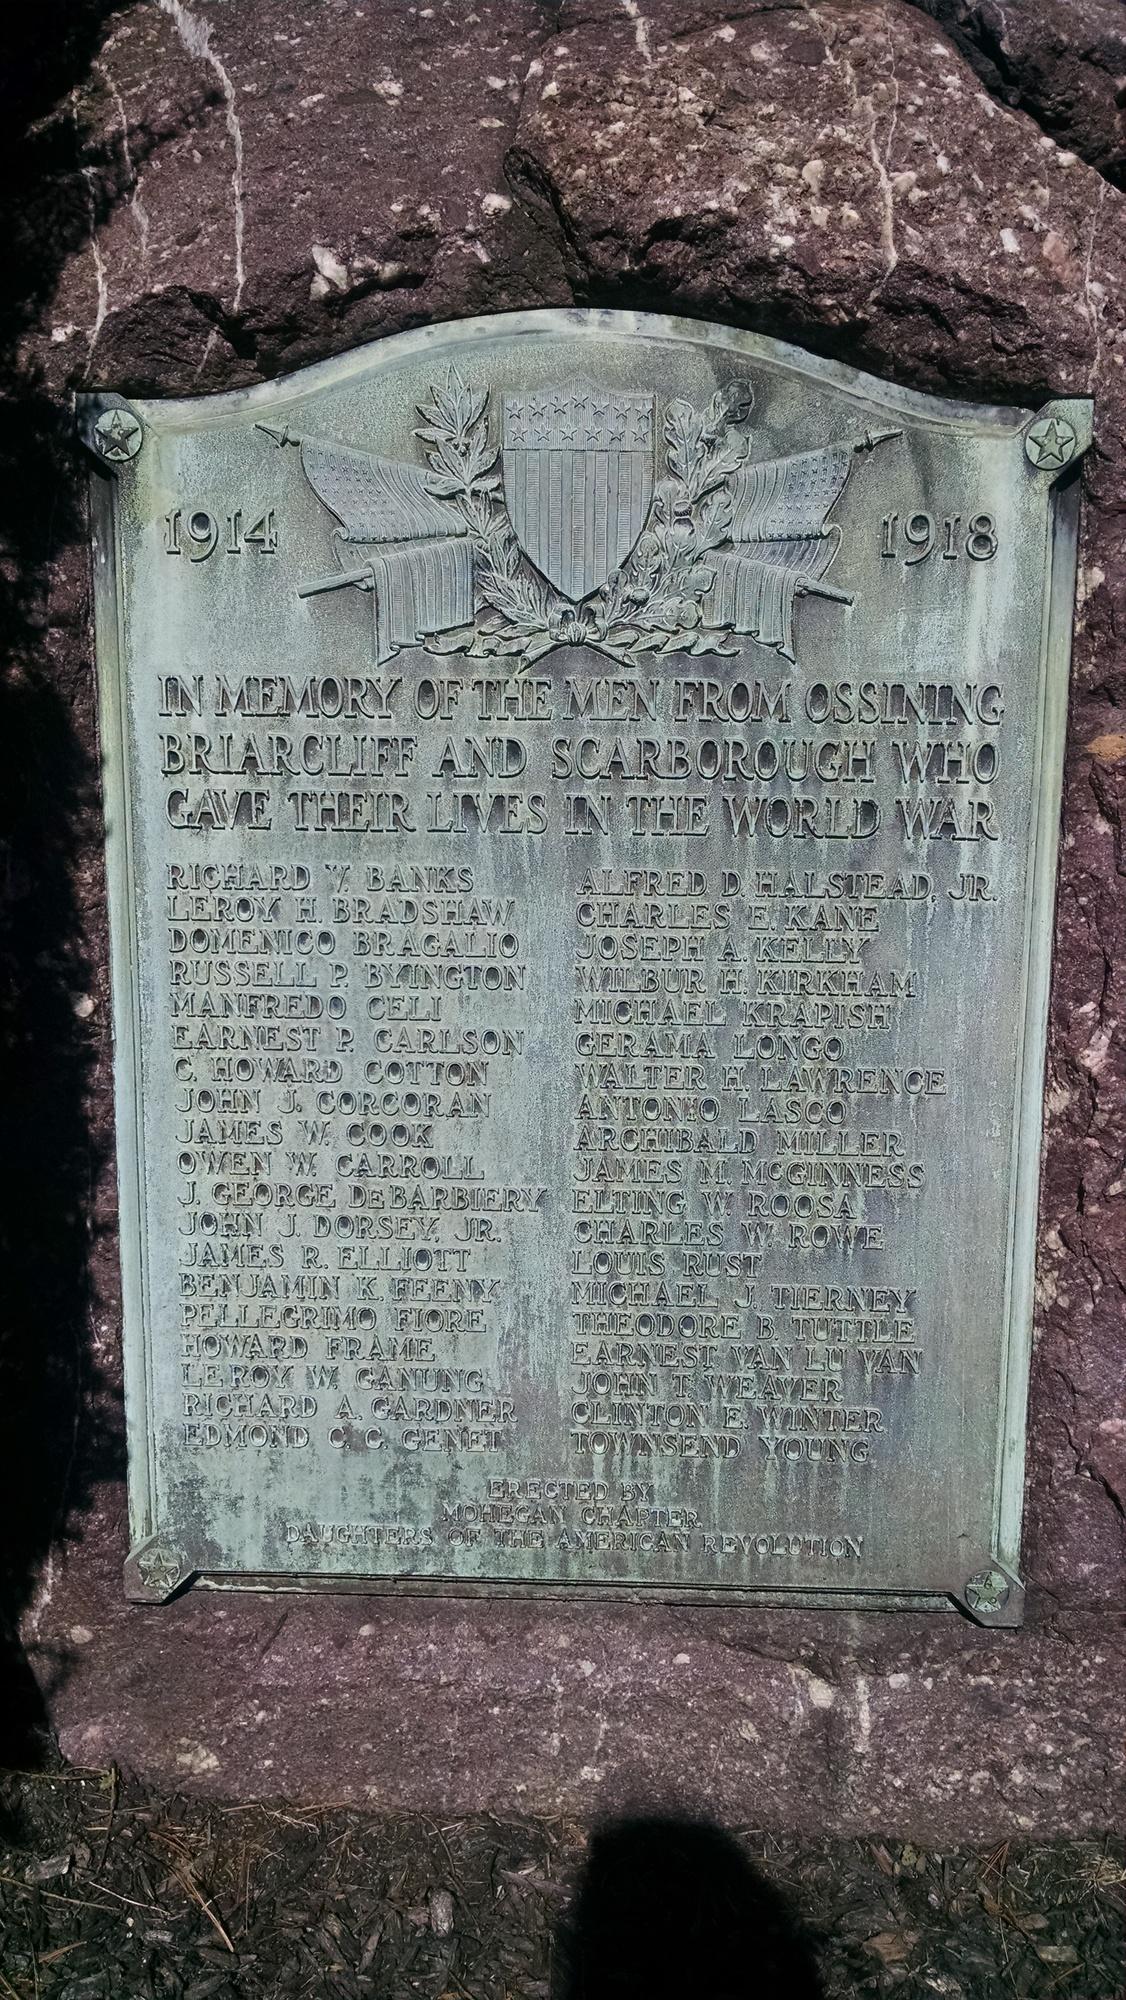 Ossining DAR World War I Memorial (NY)